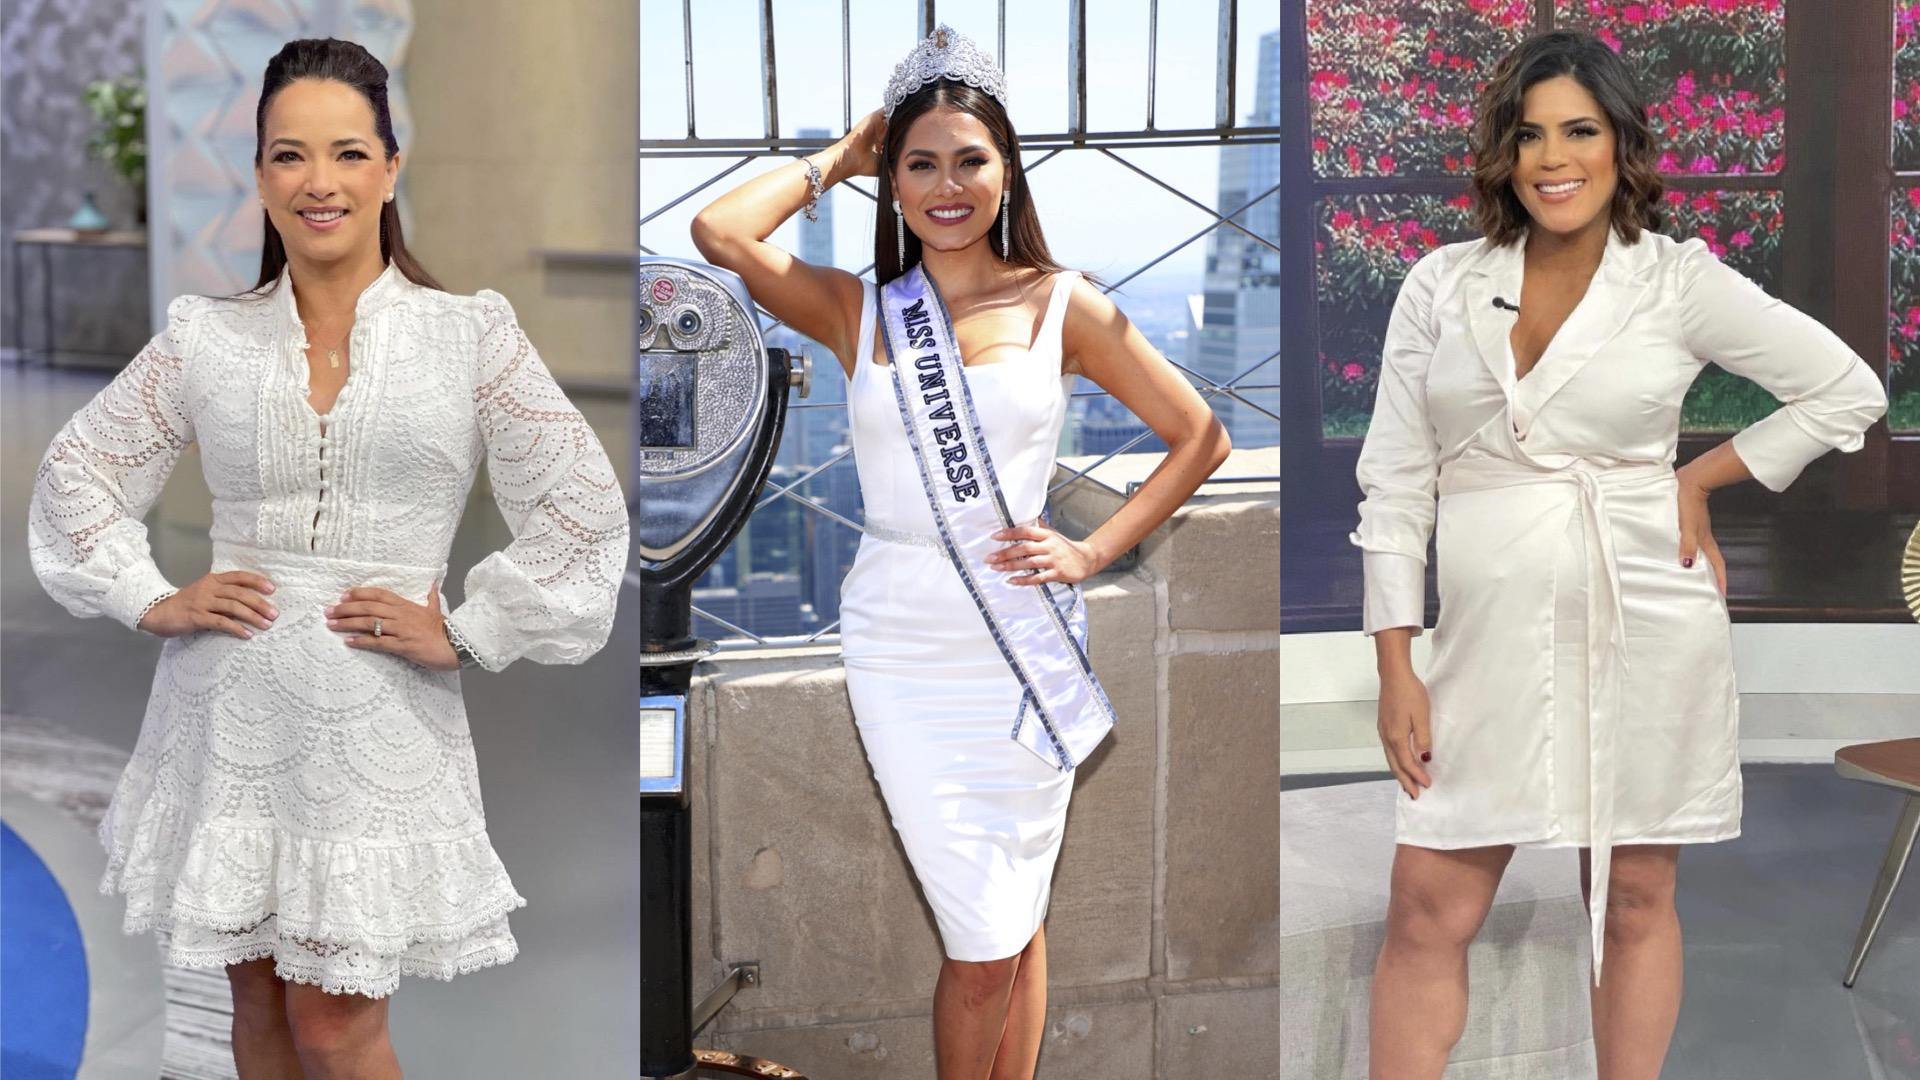 Tendencias vestidos blancos, Adamari Lopez, Miss Universo Andrea Mesa, Francisca Lachapel